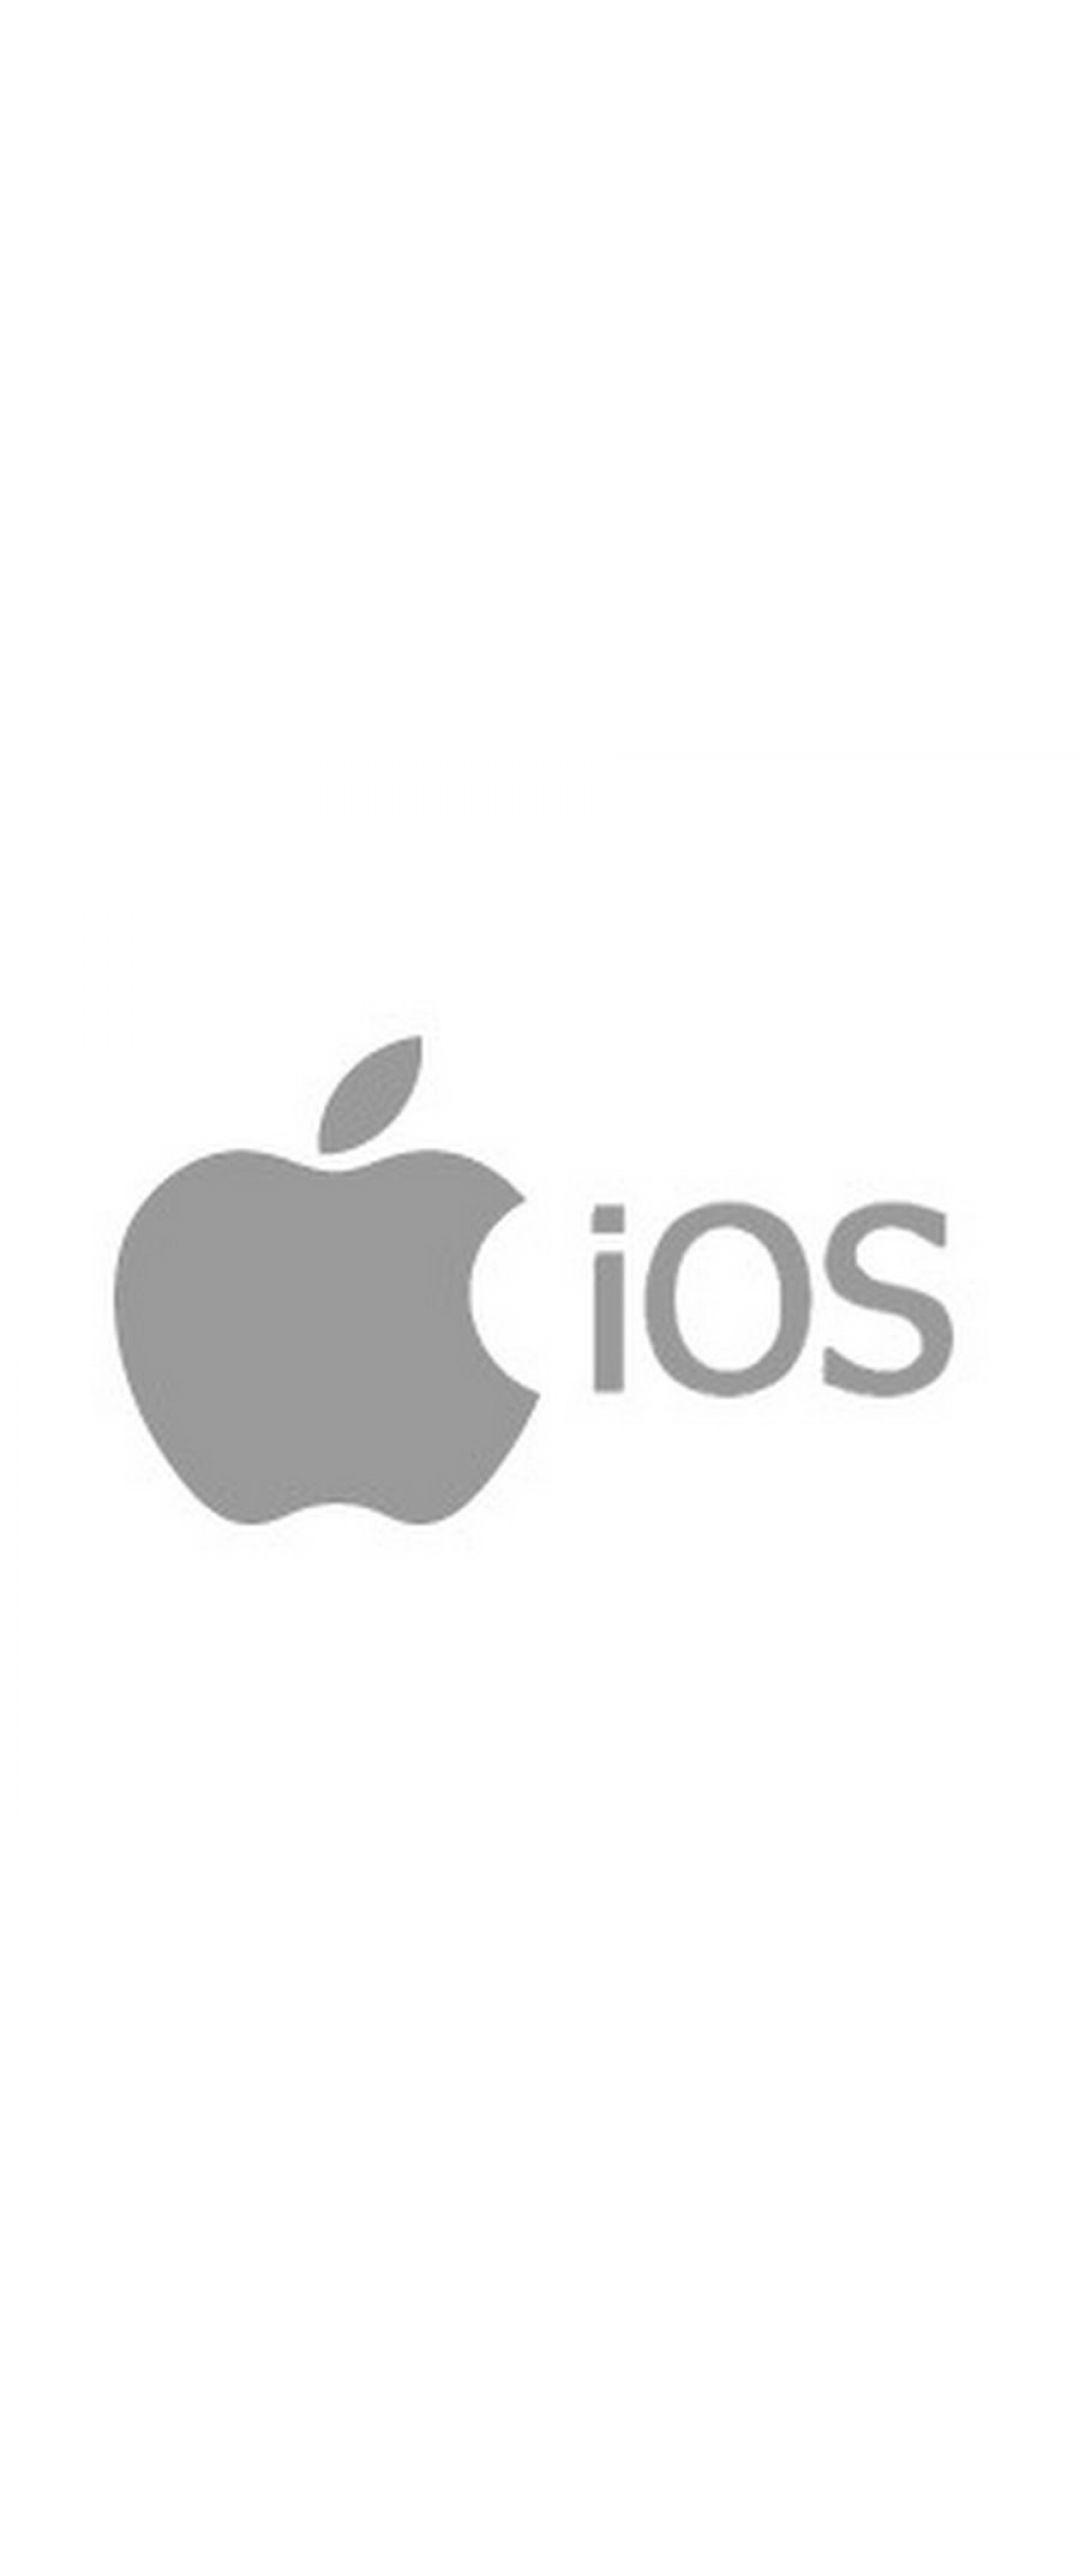 iOS 10.3 ya está disponible para tus dispositivos Apple